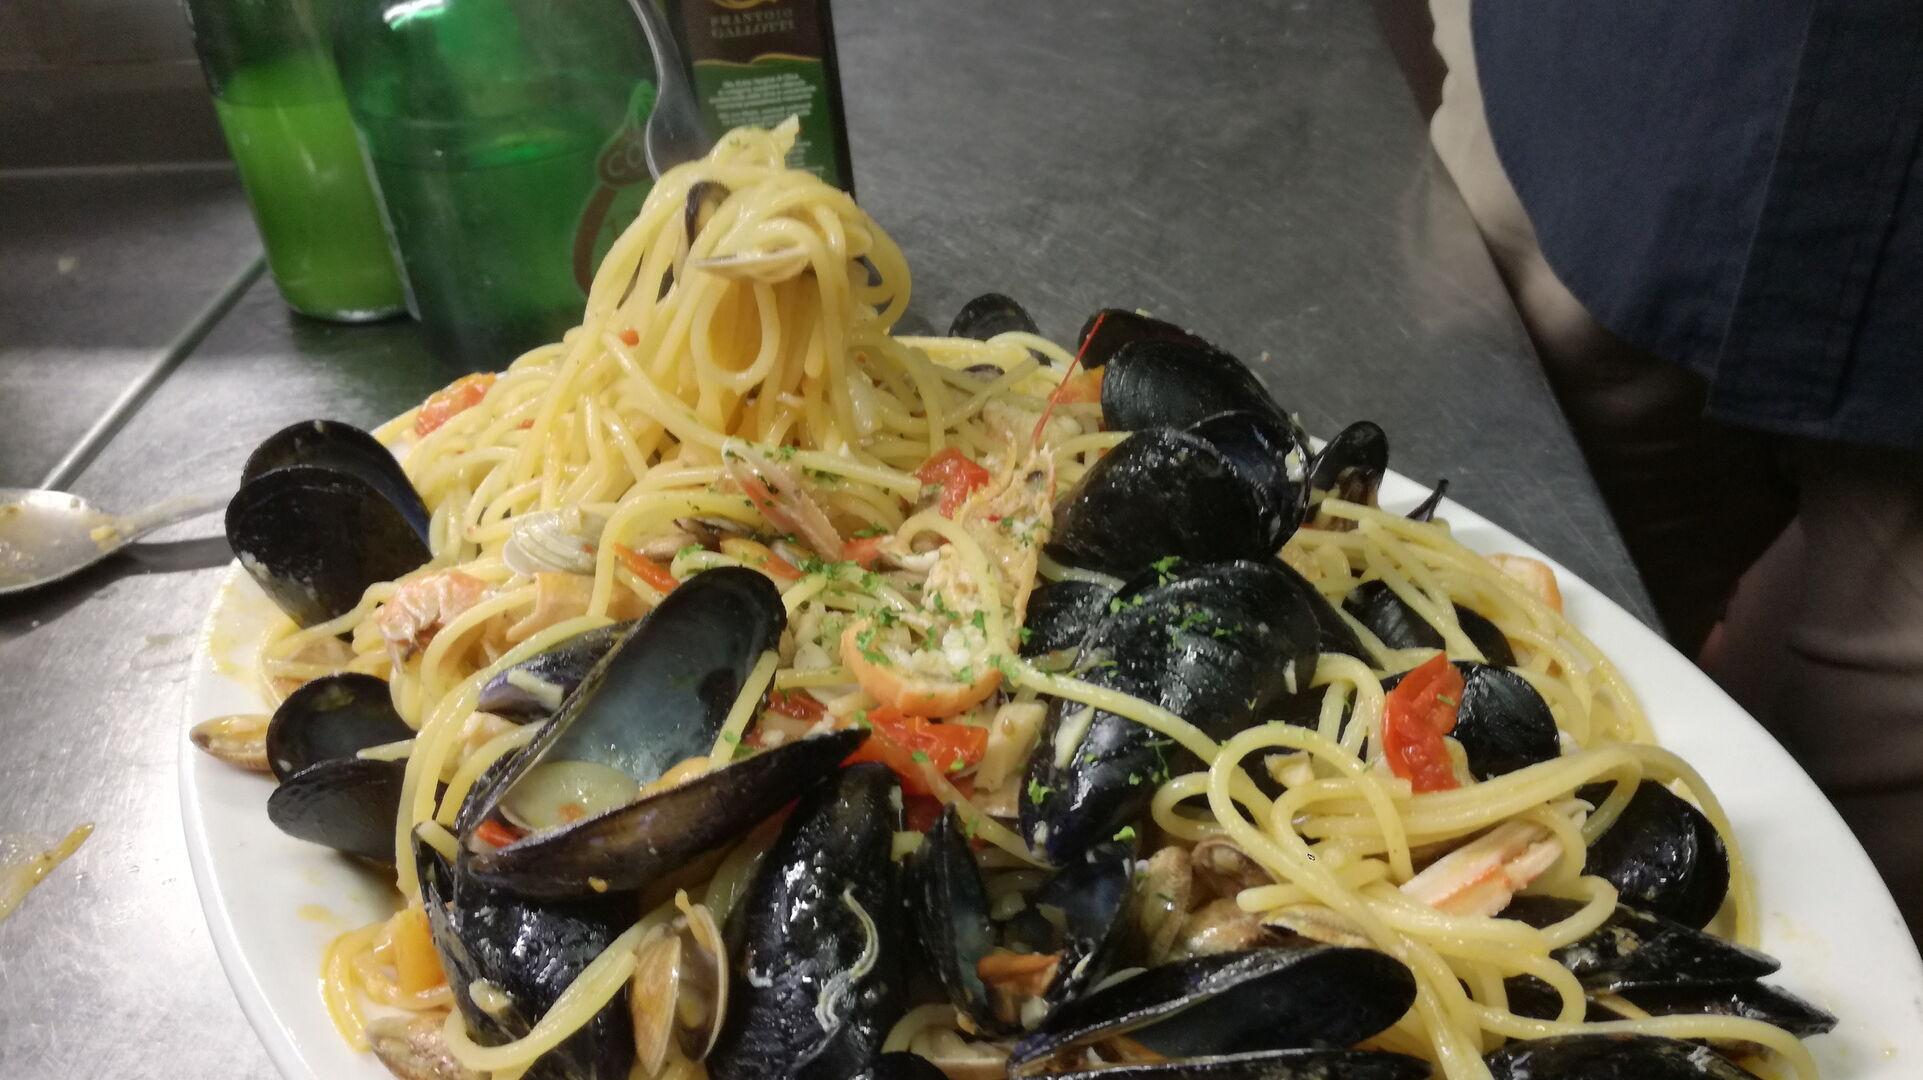 Ristorante Chalet Lido Nordest - Ristorante Di Pesce - Pizzeria - Spiaggia - Mare - Grottammare - San Benedetto Del Tronto - Ascoli Piceno - Marche - Spaghetti Allo Scoglio